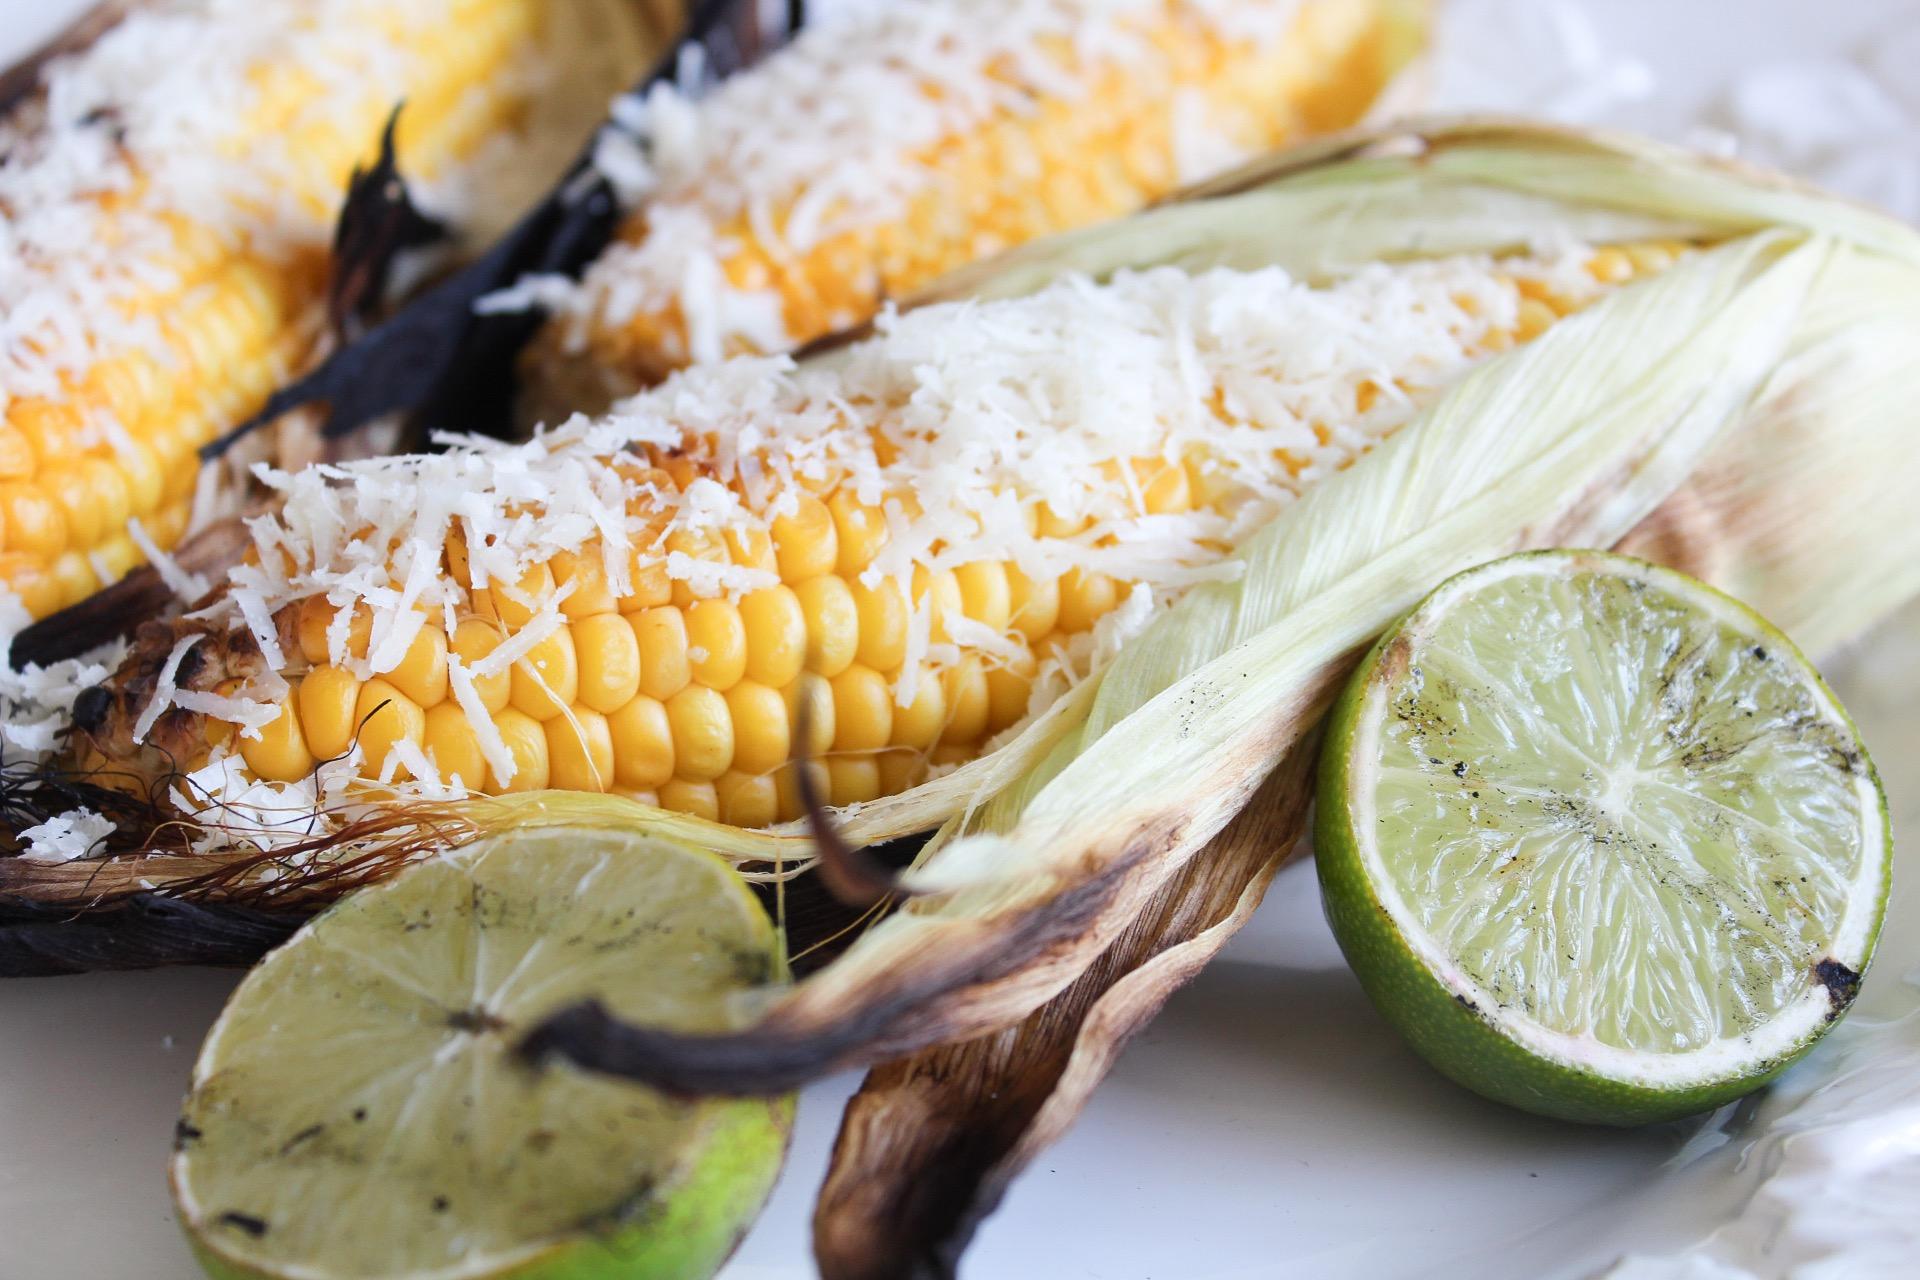 Grillad majs med lime och parmesan